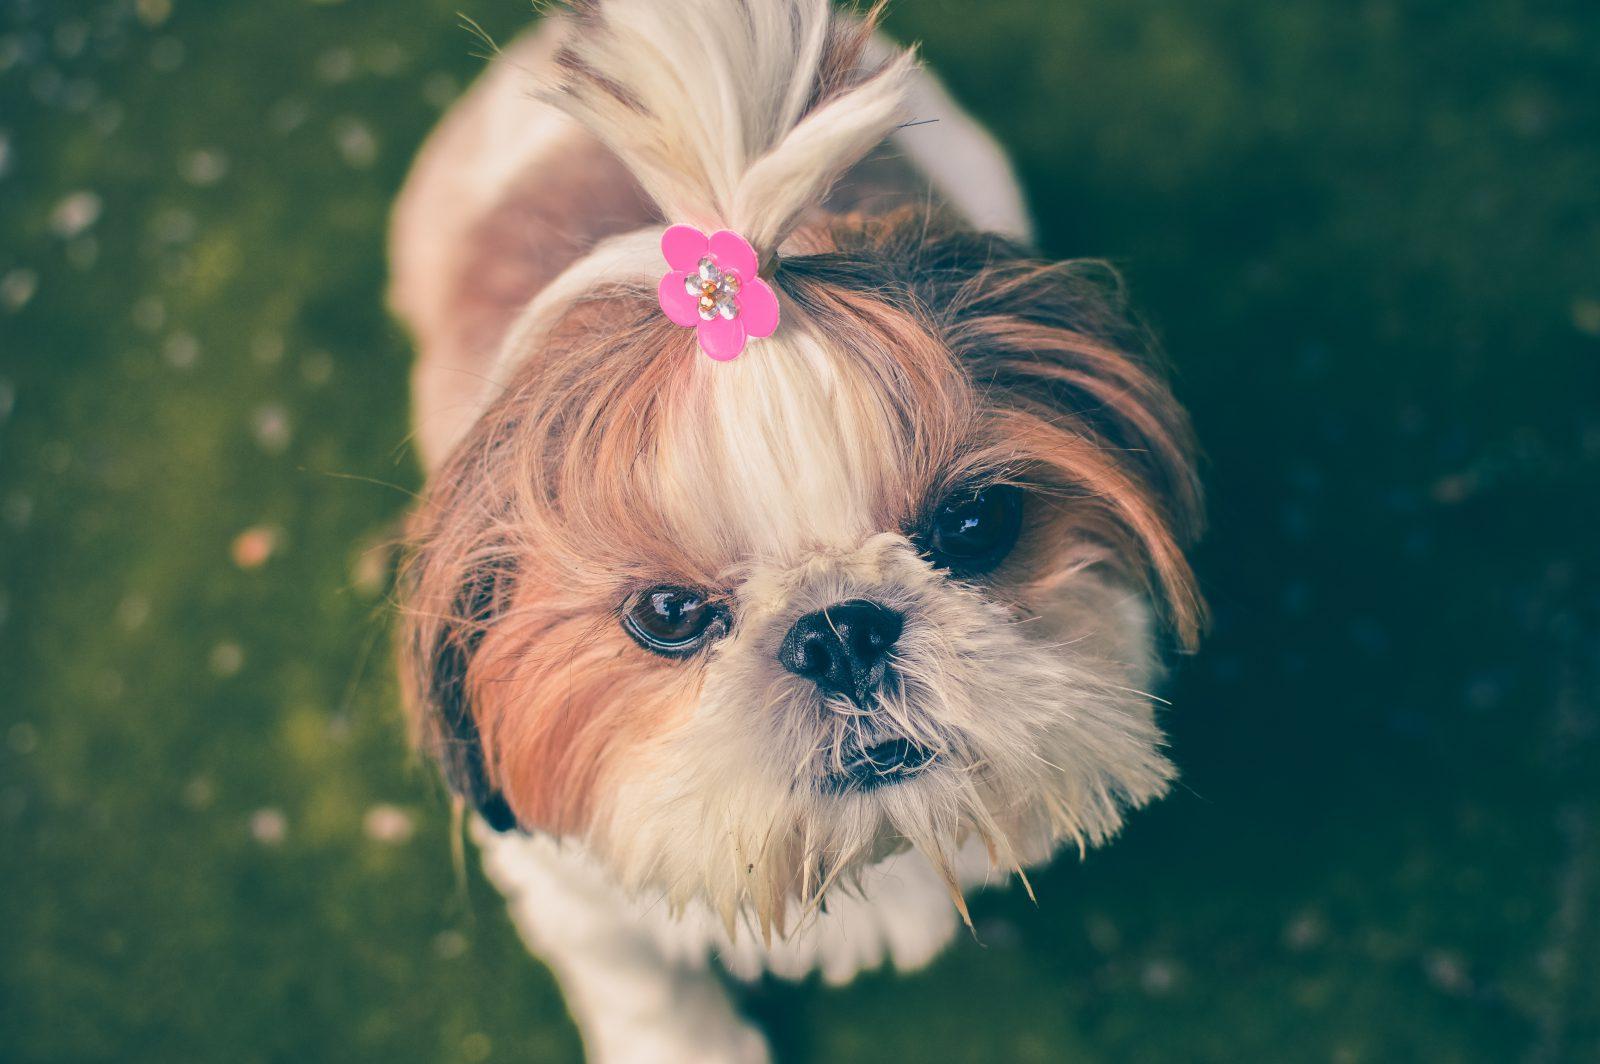 Máquina de tosar cachorro: Shih Tzu rec[em saída do petshop toda arrumada com chuquinha de florzinha na cabeça